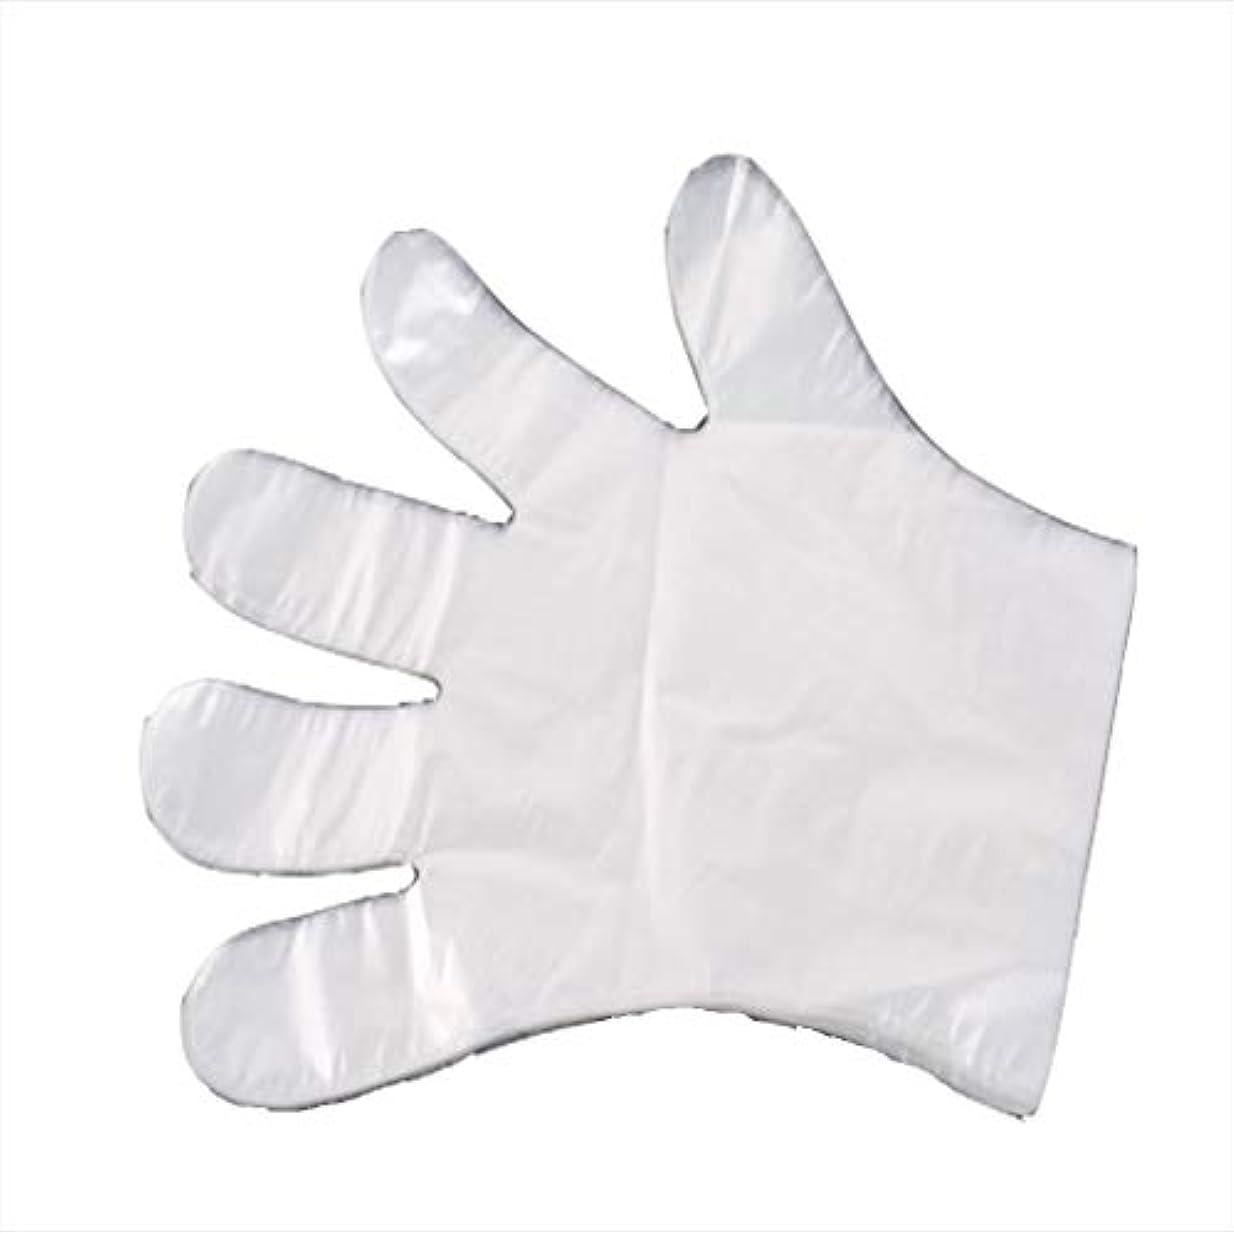 感謝傾斜実行する手袋、使い捨て手袋、食事、ヘアケア、肥厚、透明フィルム手袋、肥厚1000。